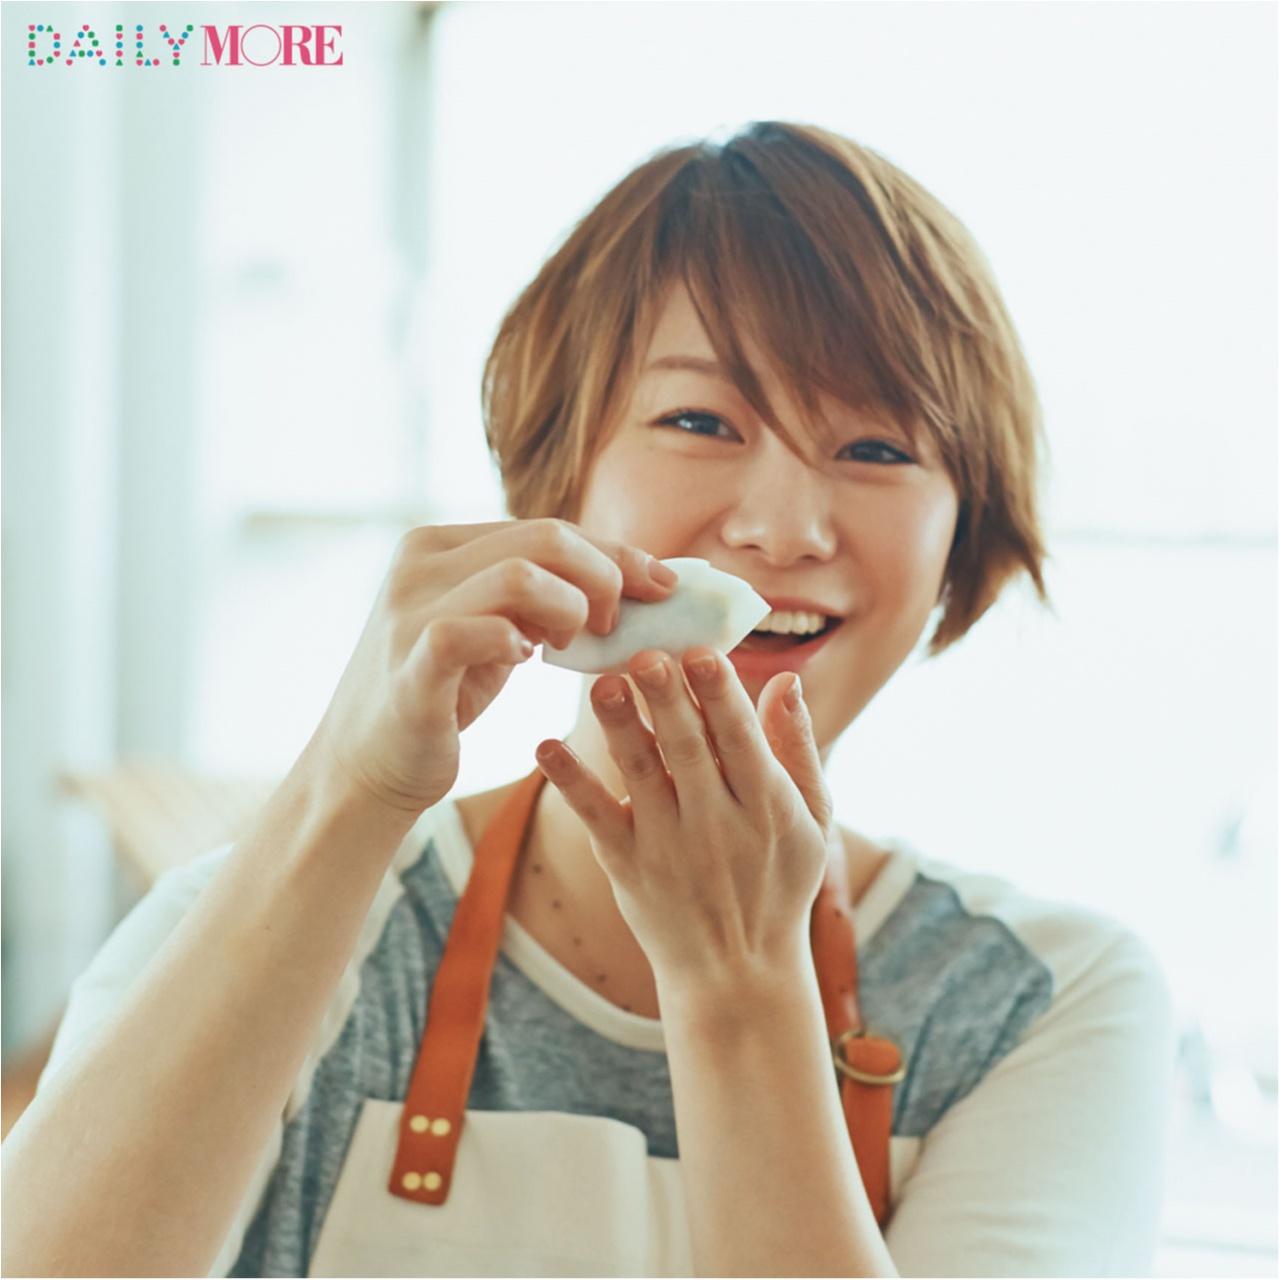 彼も大絶賛! 田中美保さんの、ごはんがすすむ「米粉皮のギョーザ」レシピを伝授!_1